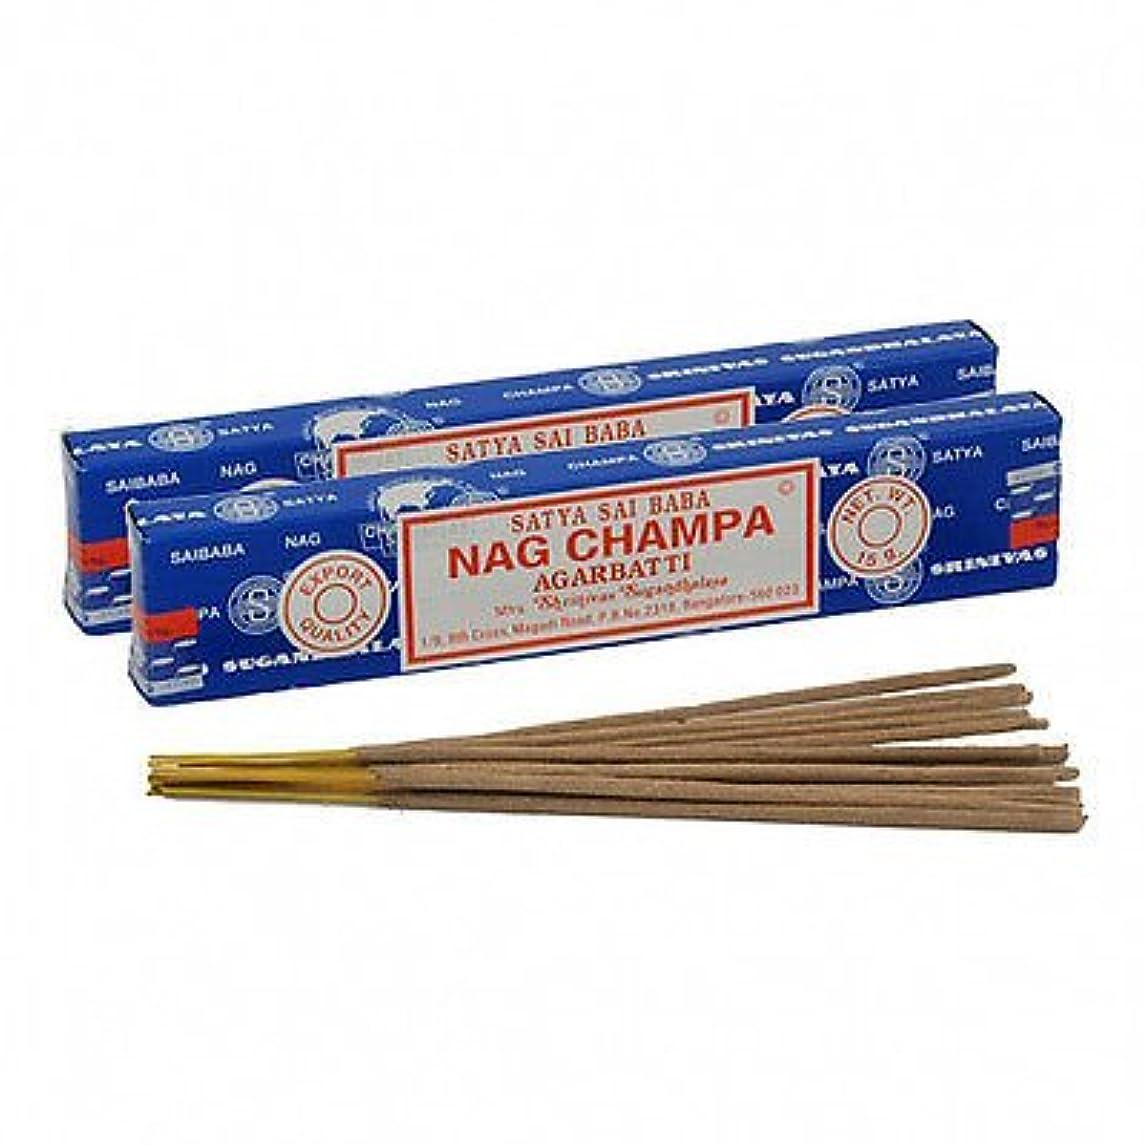 夜明け北西ゲージSatya Sai Baba Nag Champa Incense 180?gm ( 15g12?)